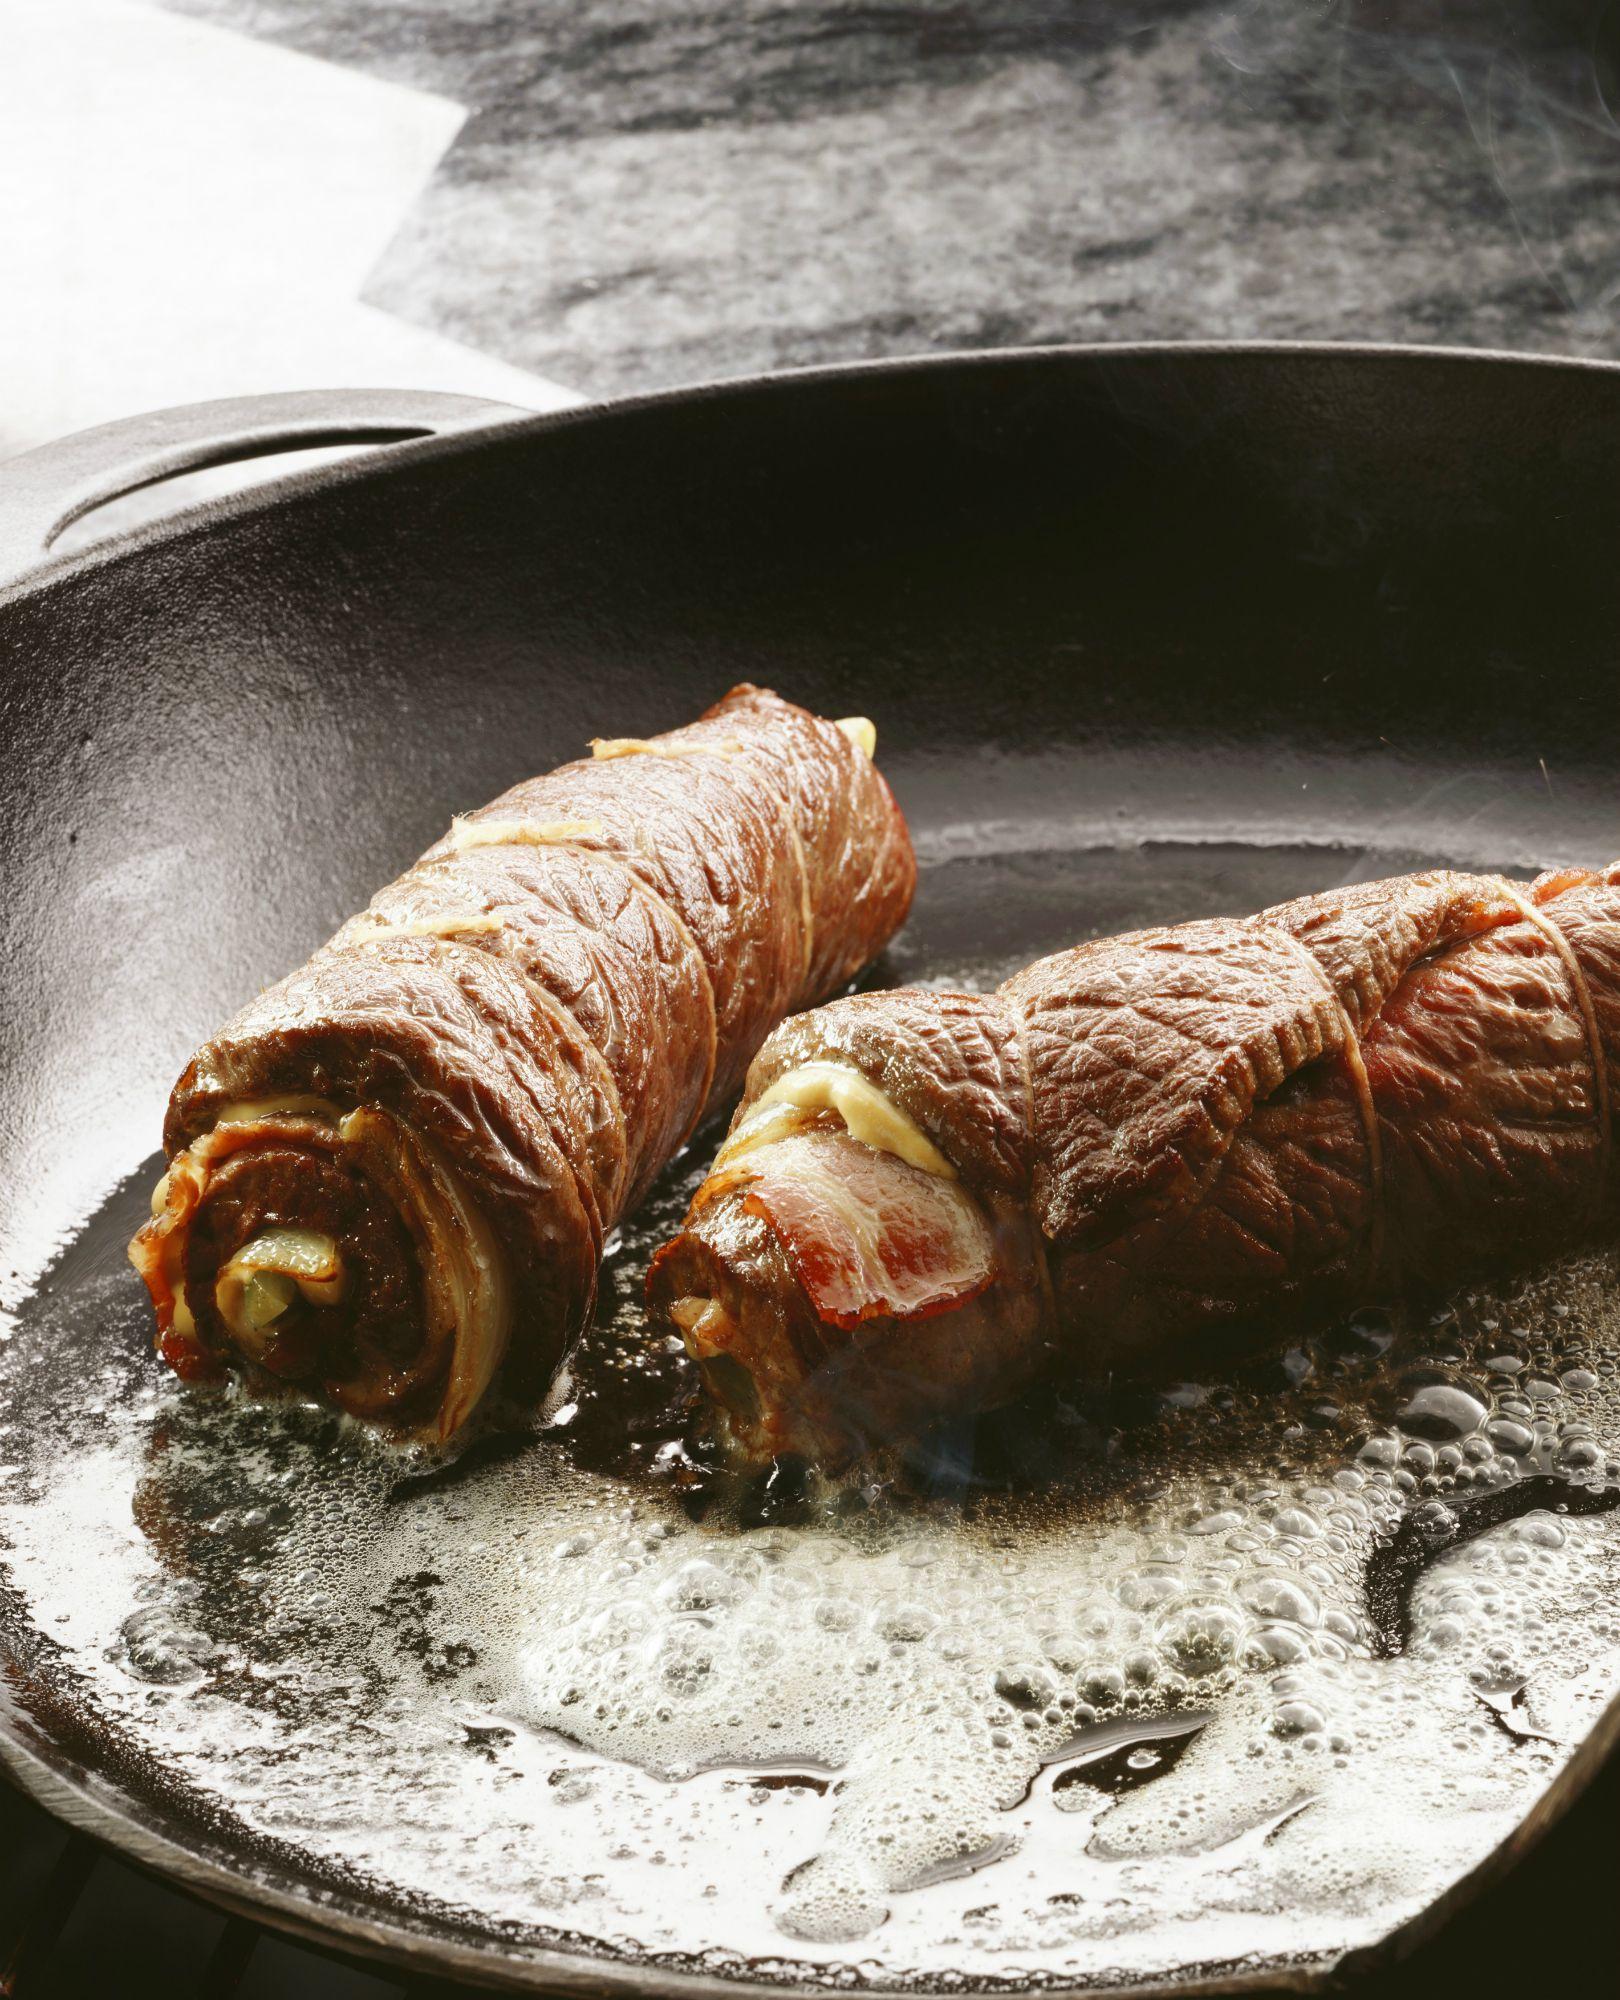 German Beef Roulade Rouladen Hausfrauenart Recipe